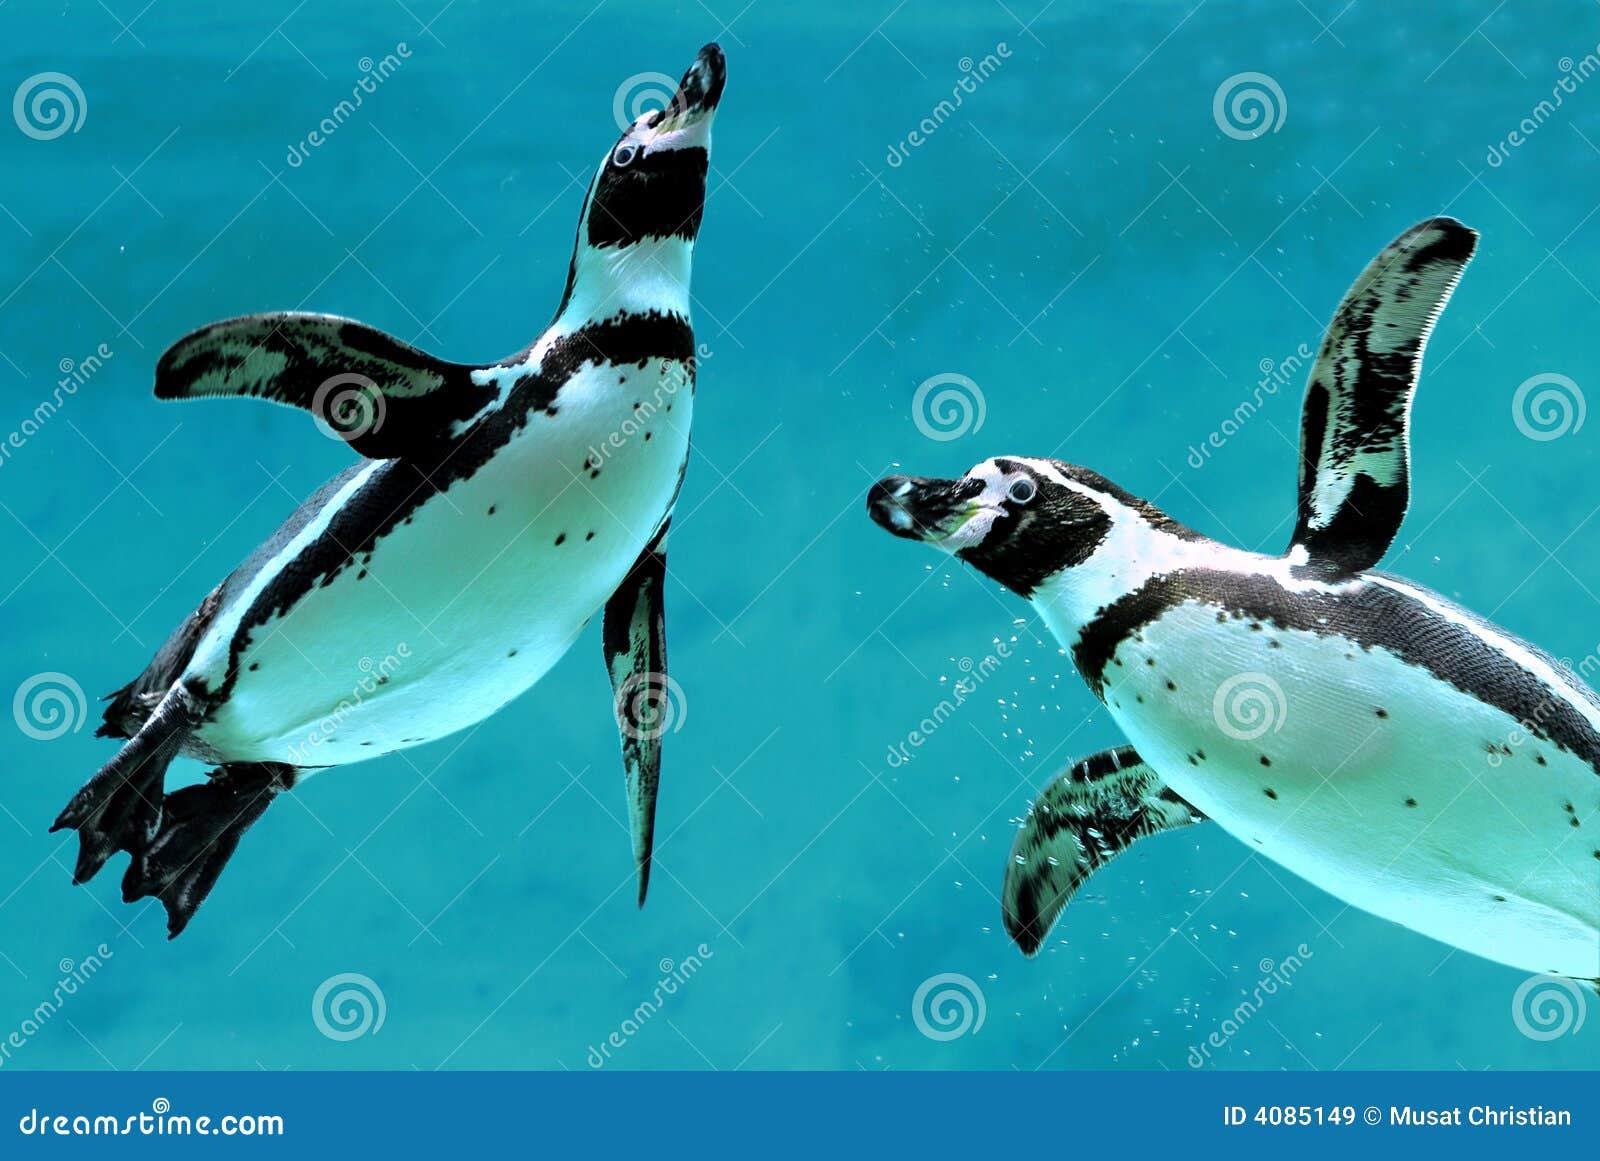 Pinguine unter Wasser